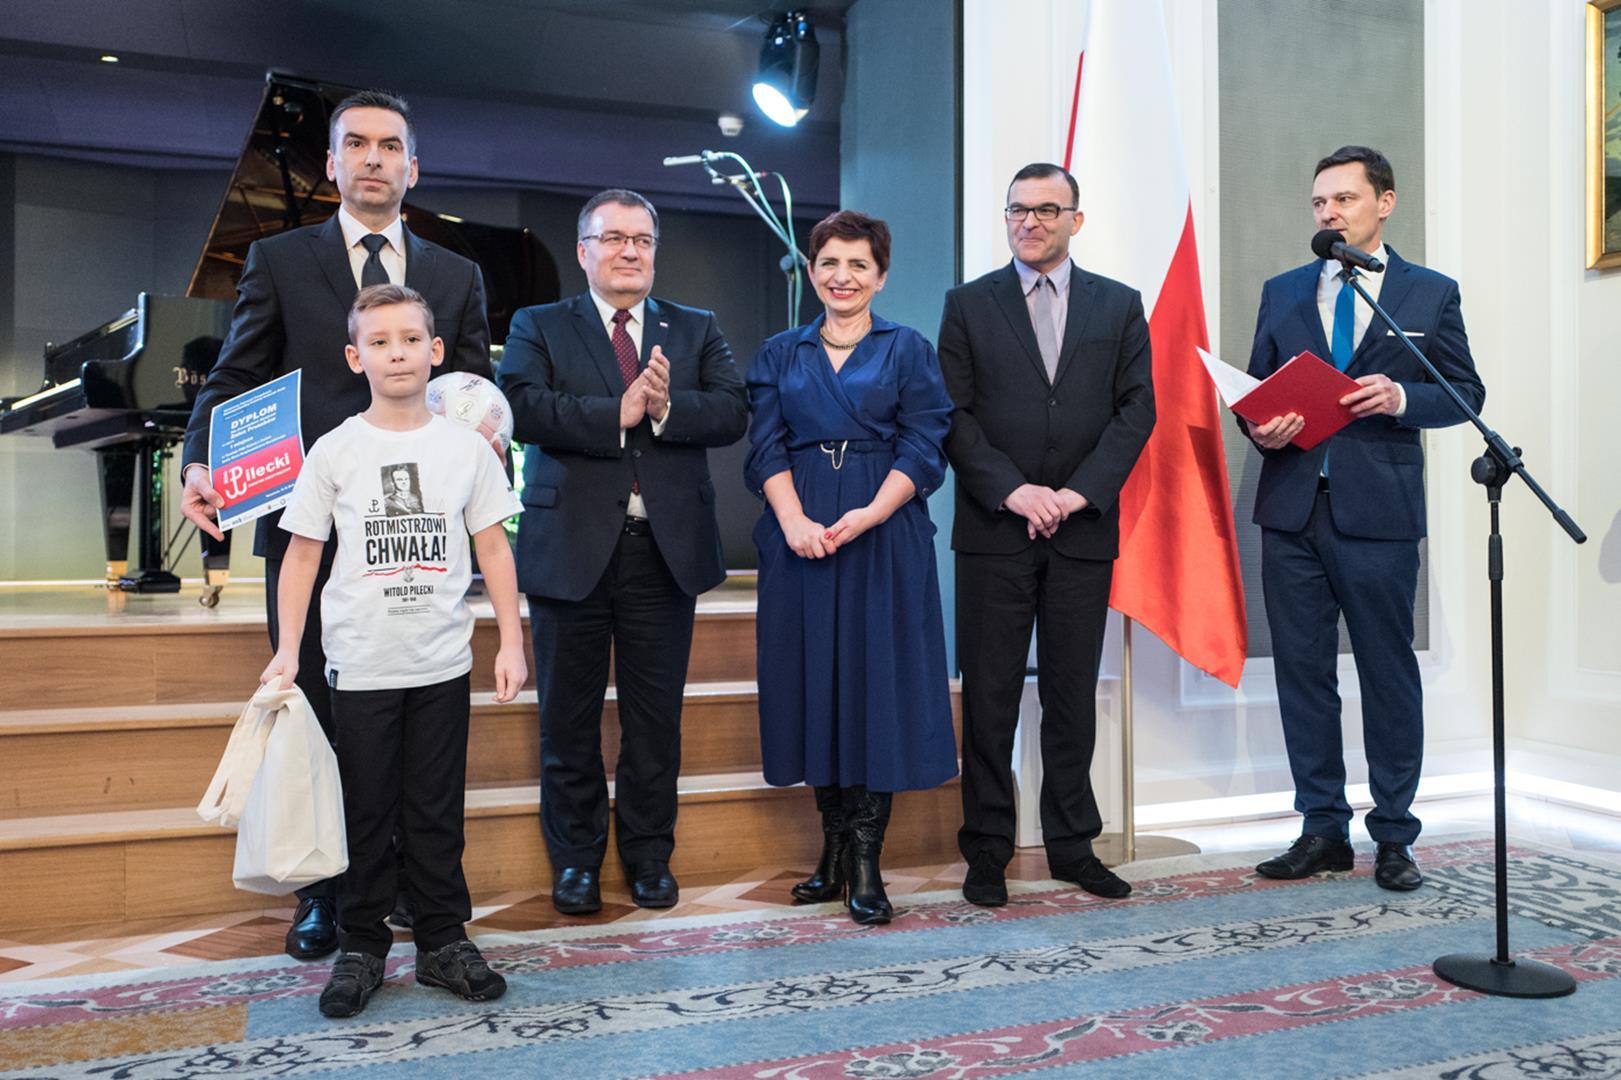 00.00.2015 Warszawa Fot. Jakub Szymczuk /FOTO GOSC